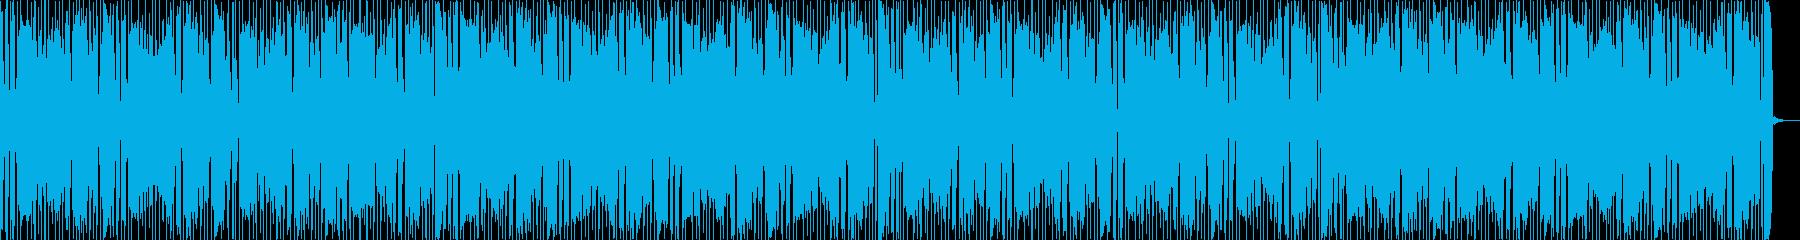 ベースとワウギターが印象的なファンクの再生済みの波形